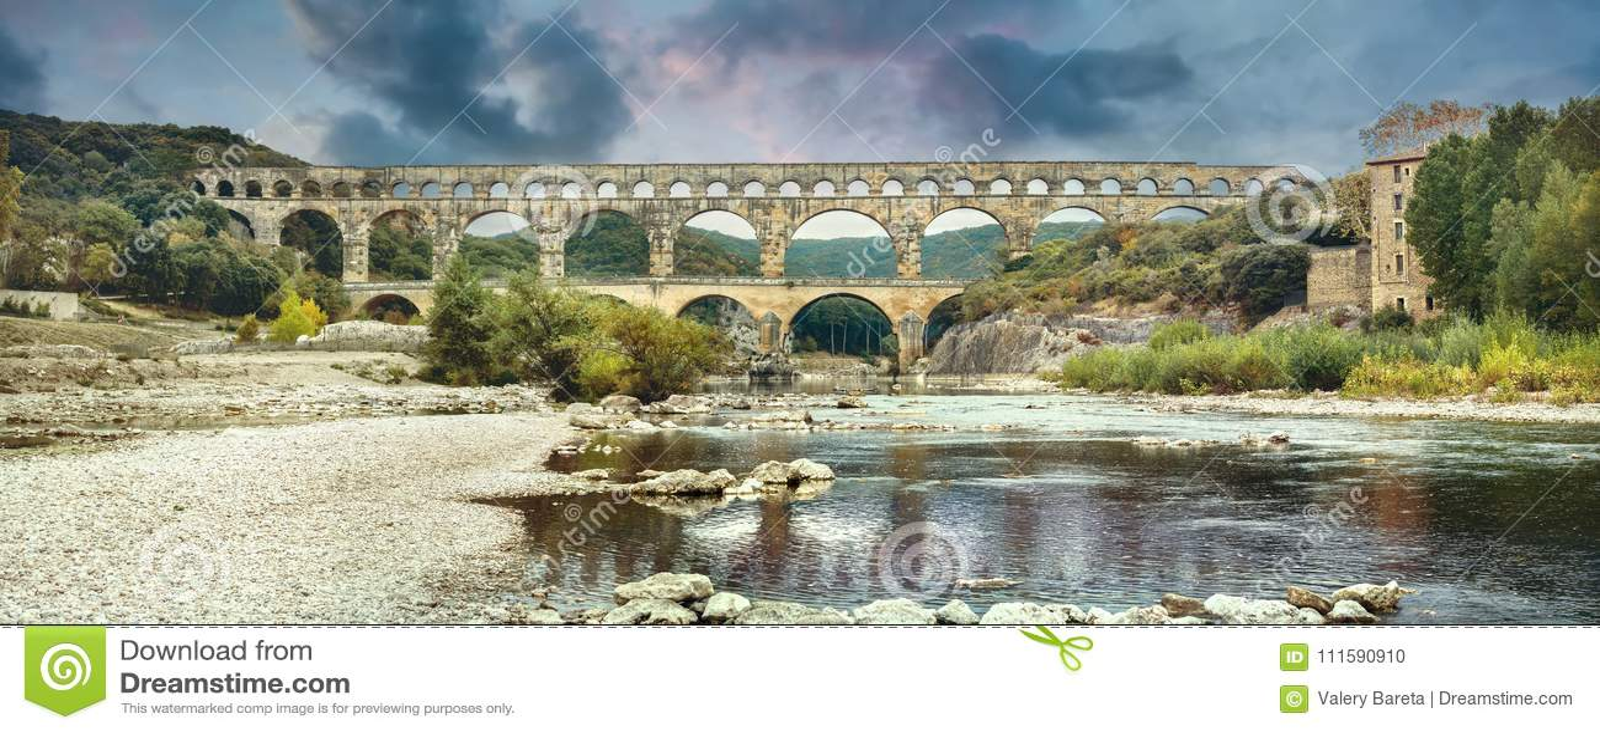 Antyczny Pont du Gard rzymski akwedukt Francja, Provence